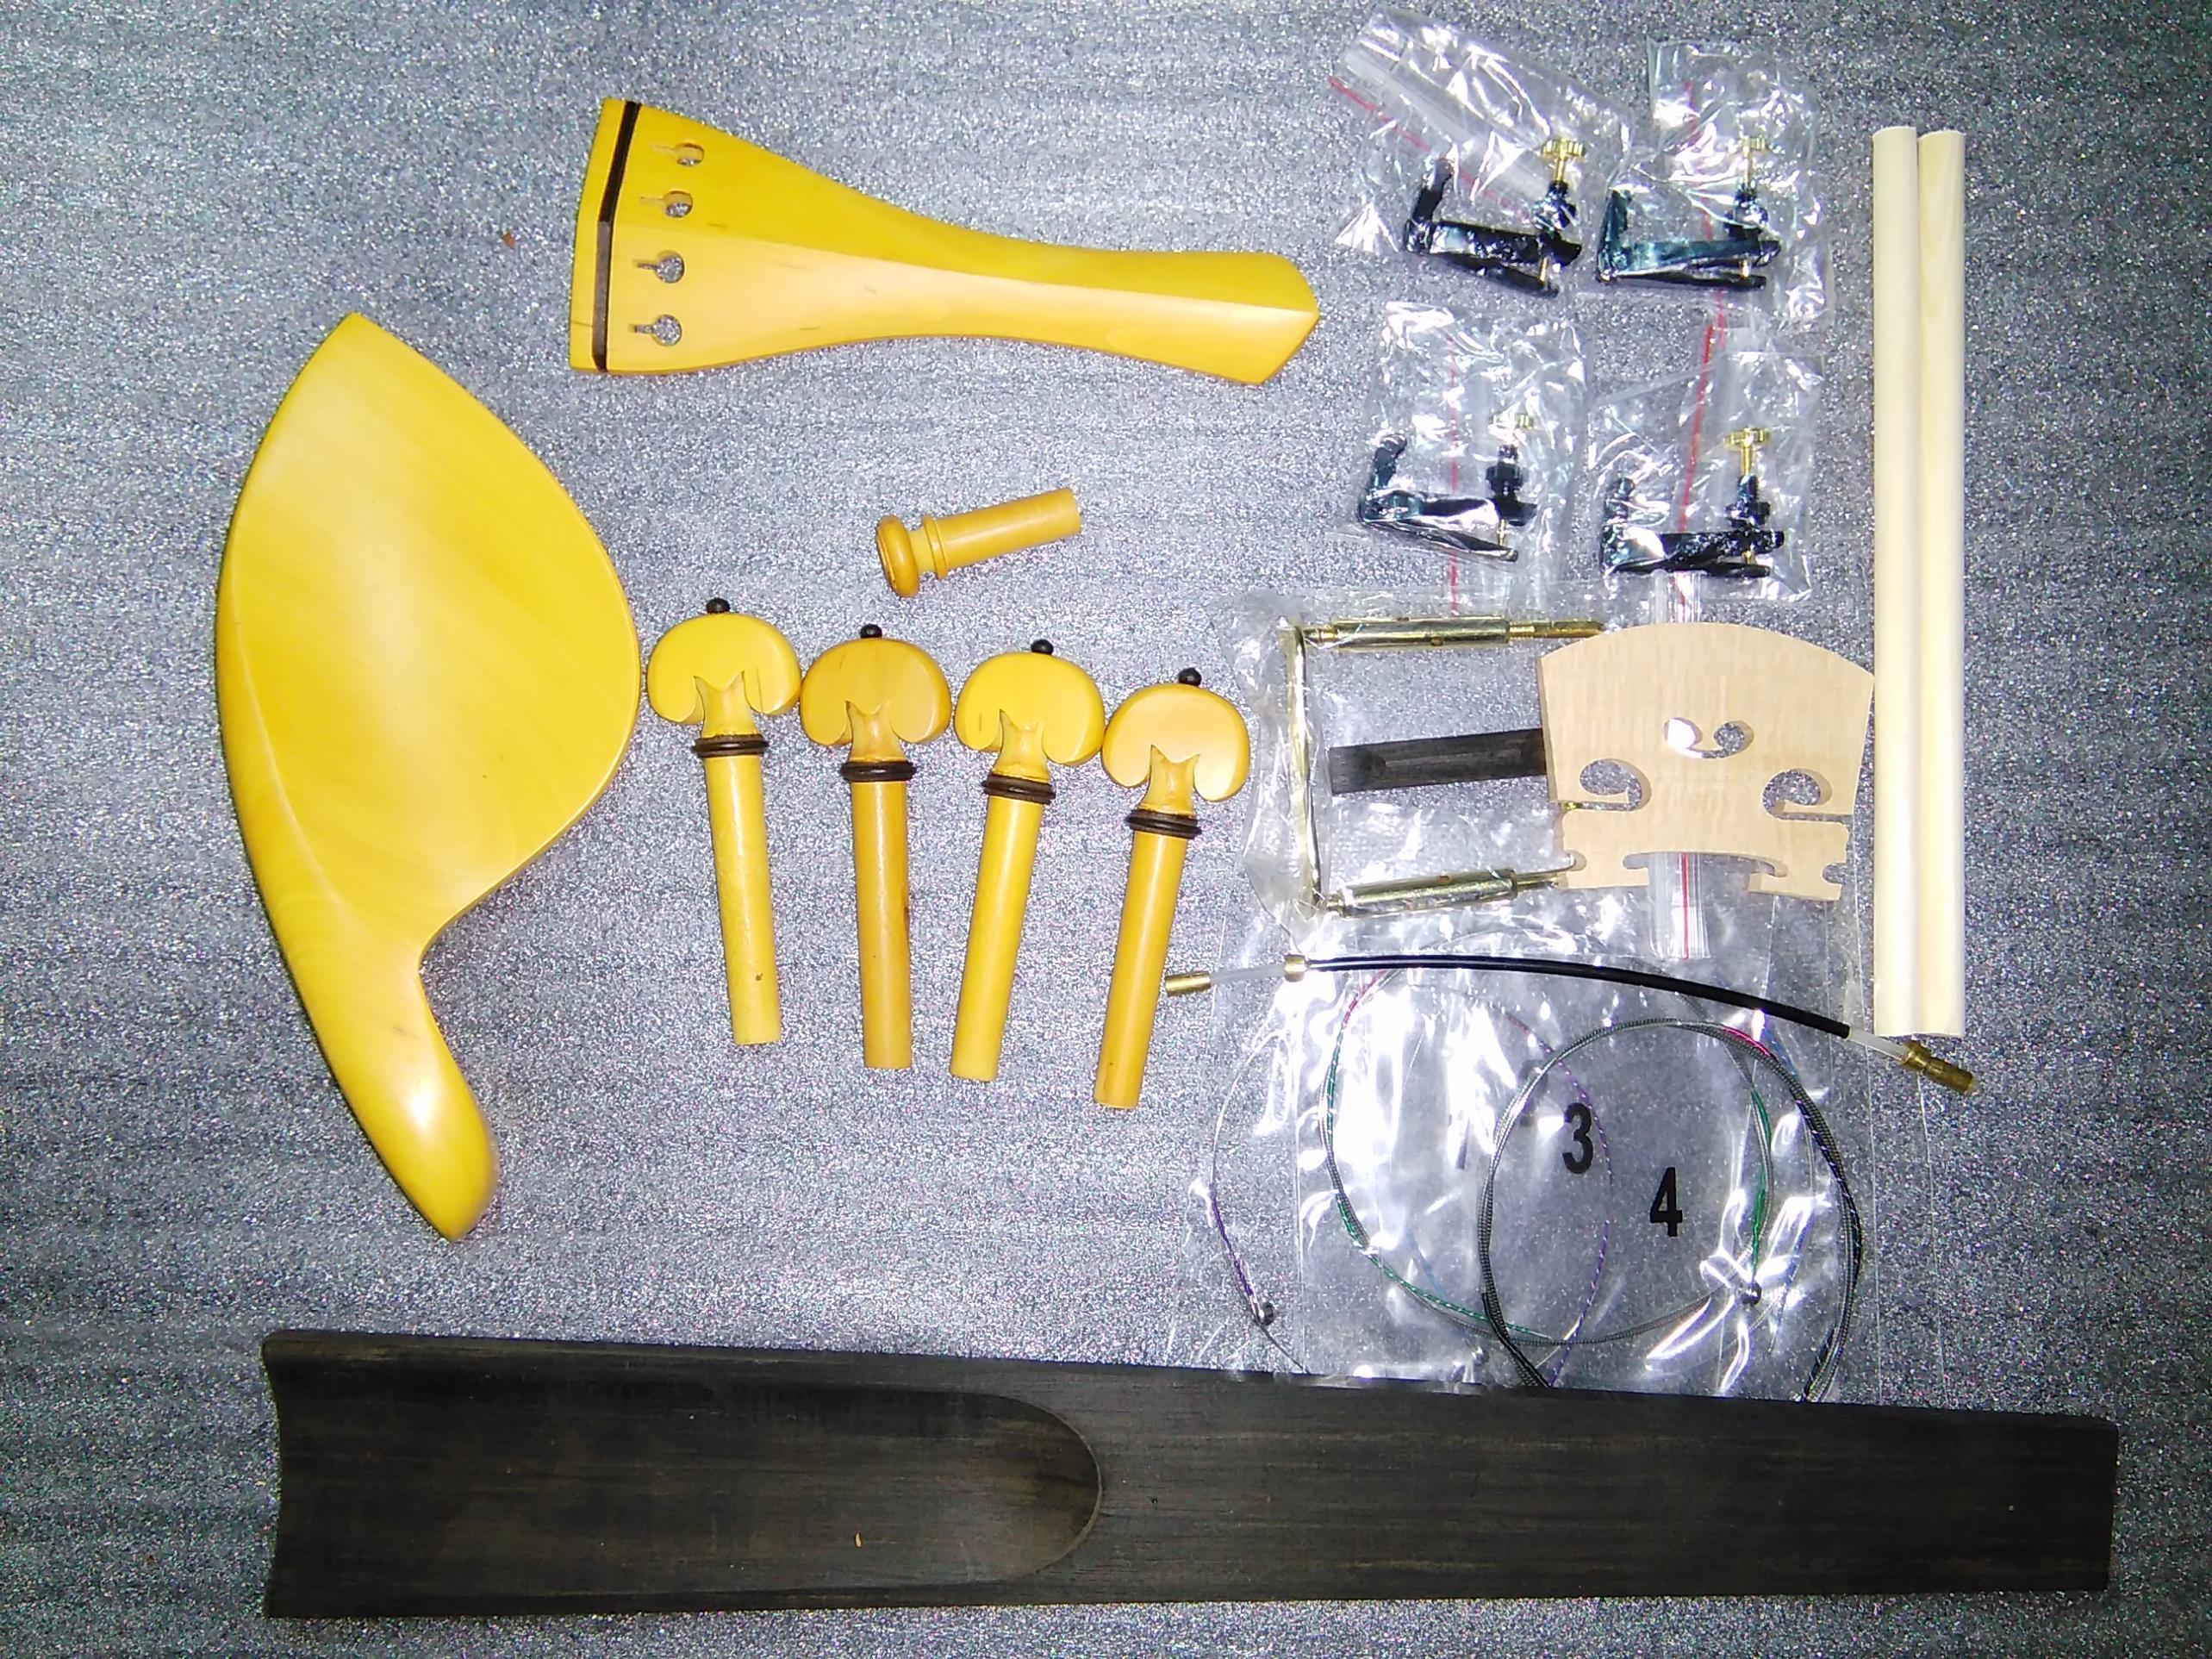 1 комплект самшит Скрипка запчасти с регулятор строк+строку+мост+звуковое сообщение+ зажим и т. д. Все в 4/4